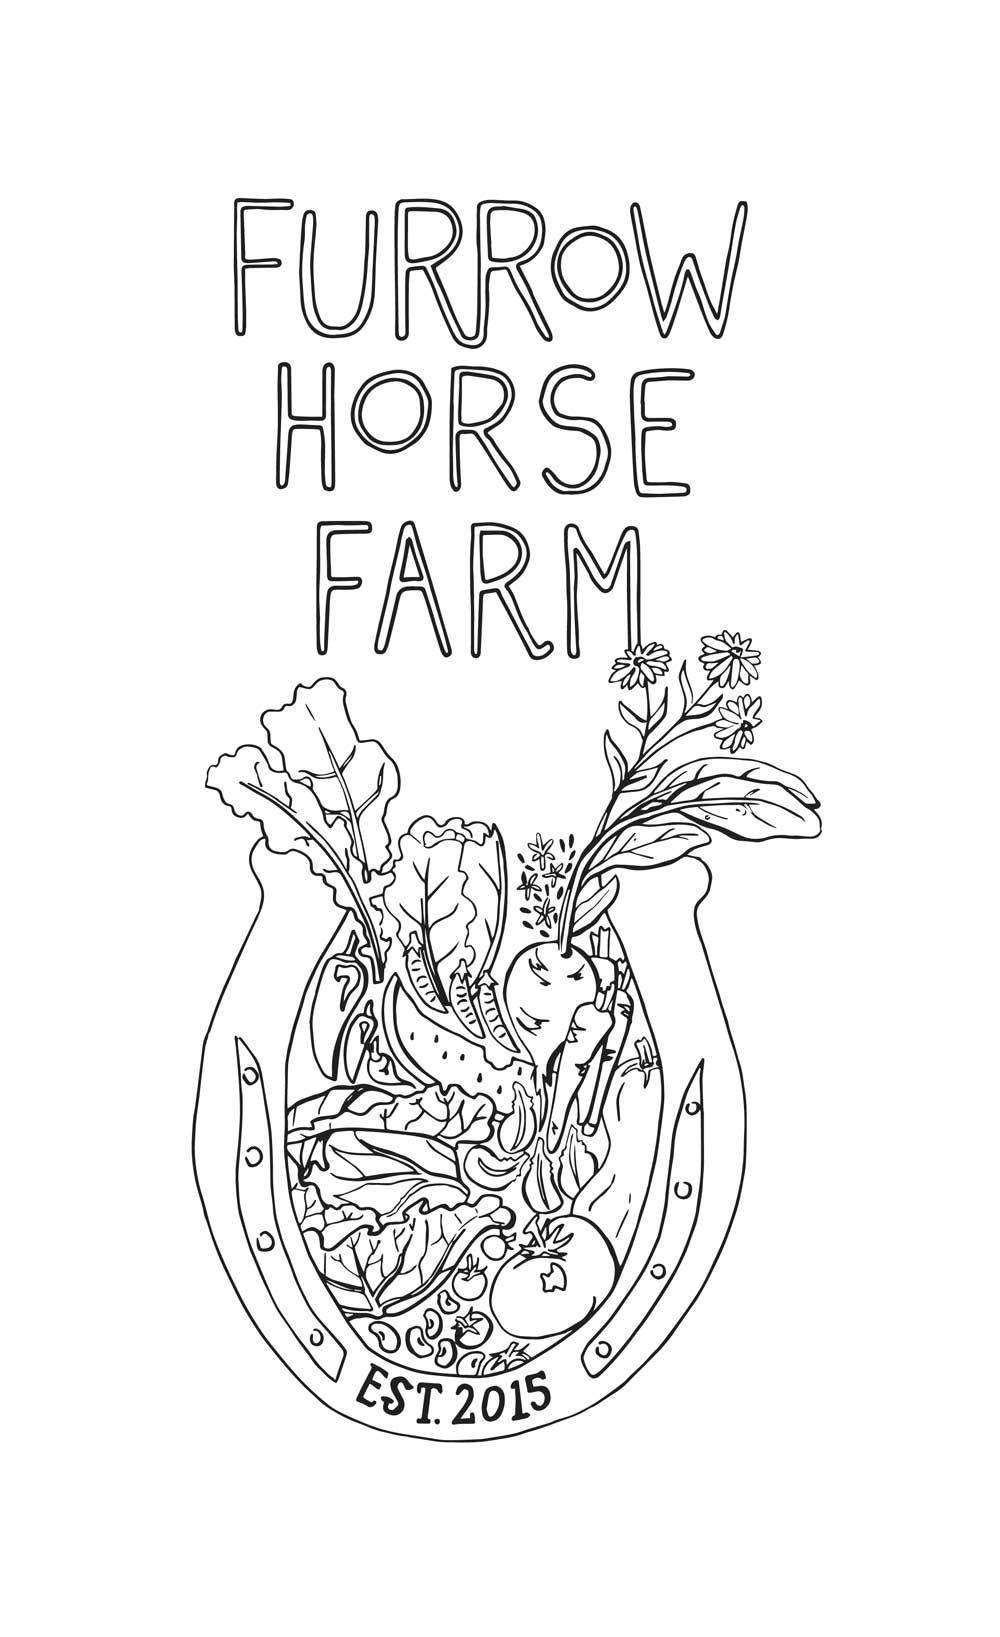 Furrow Horse Farm   Morton, WA  brochure cover design  2016